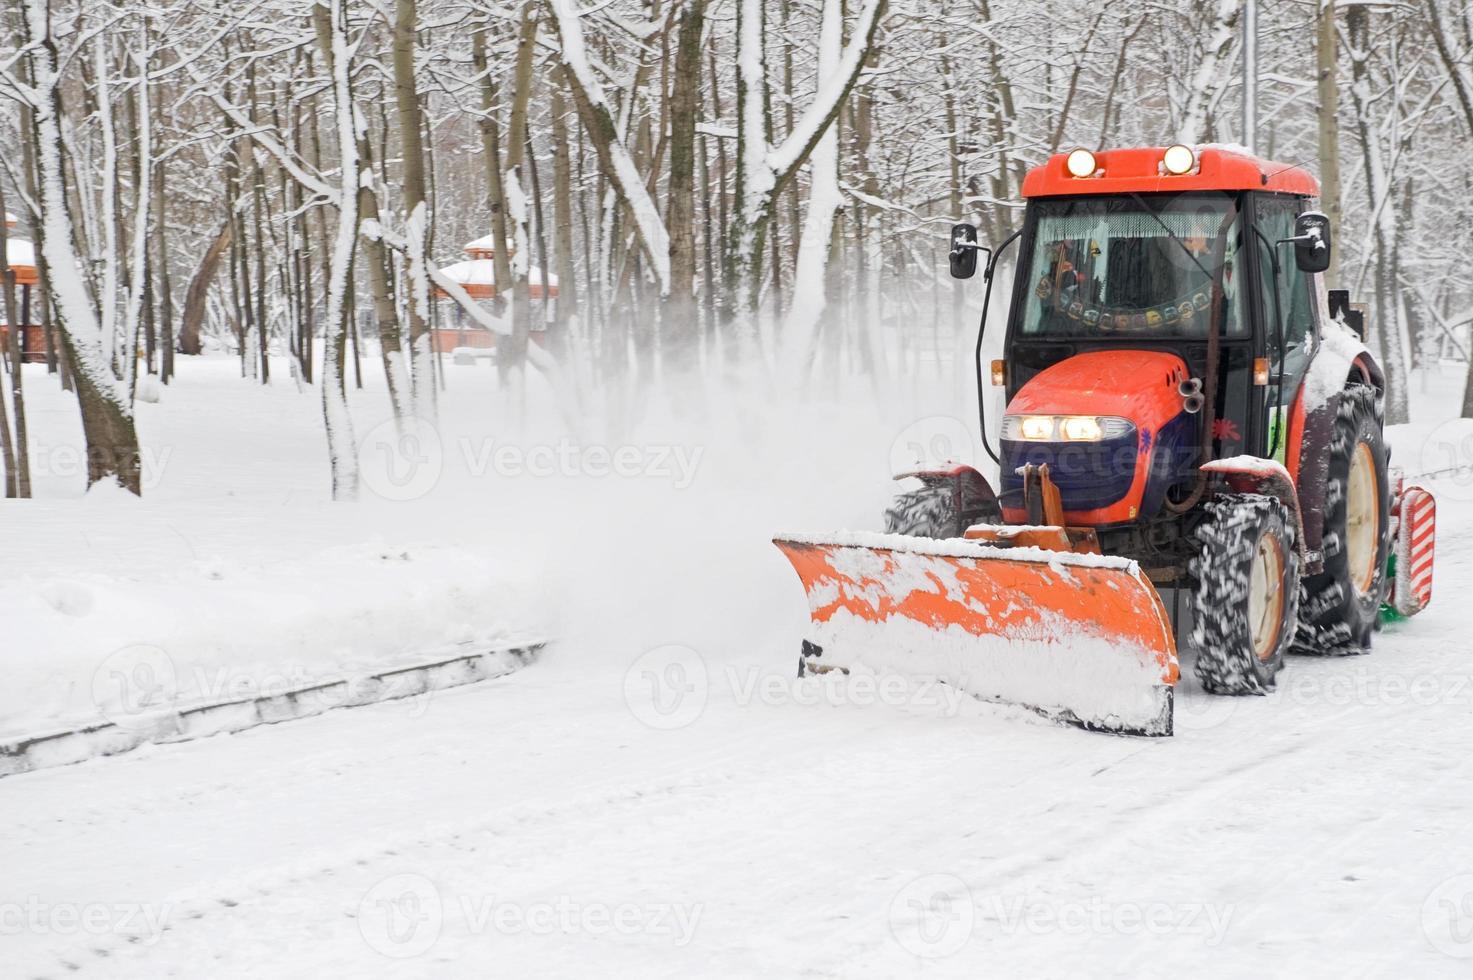 remoção de neve de inverno um pequeno trator foto